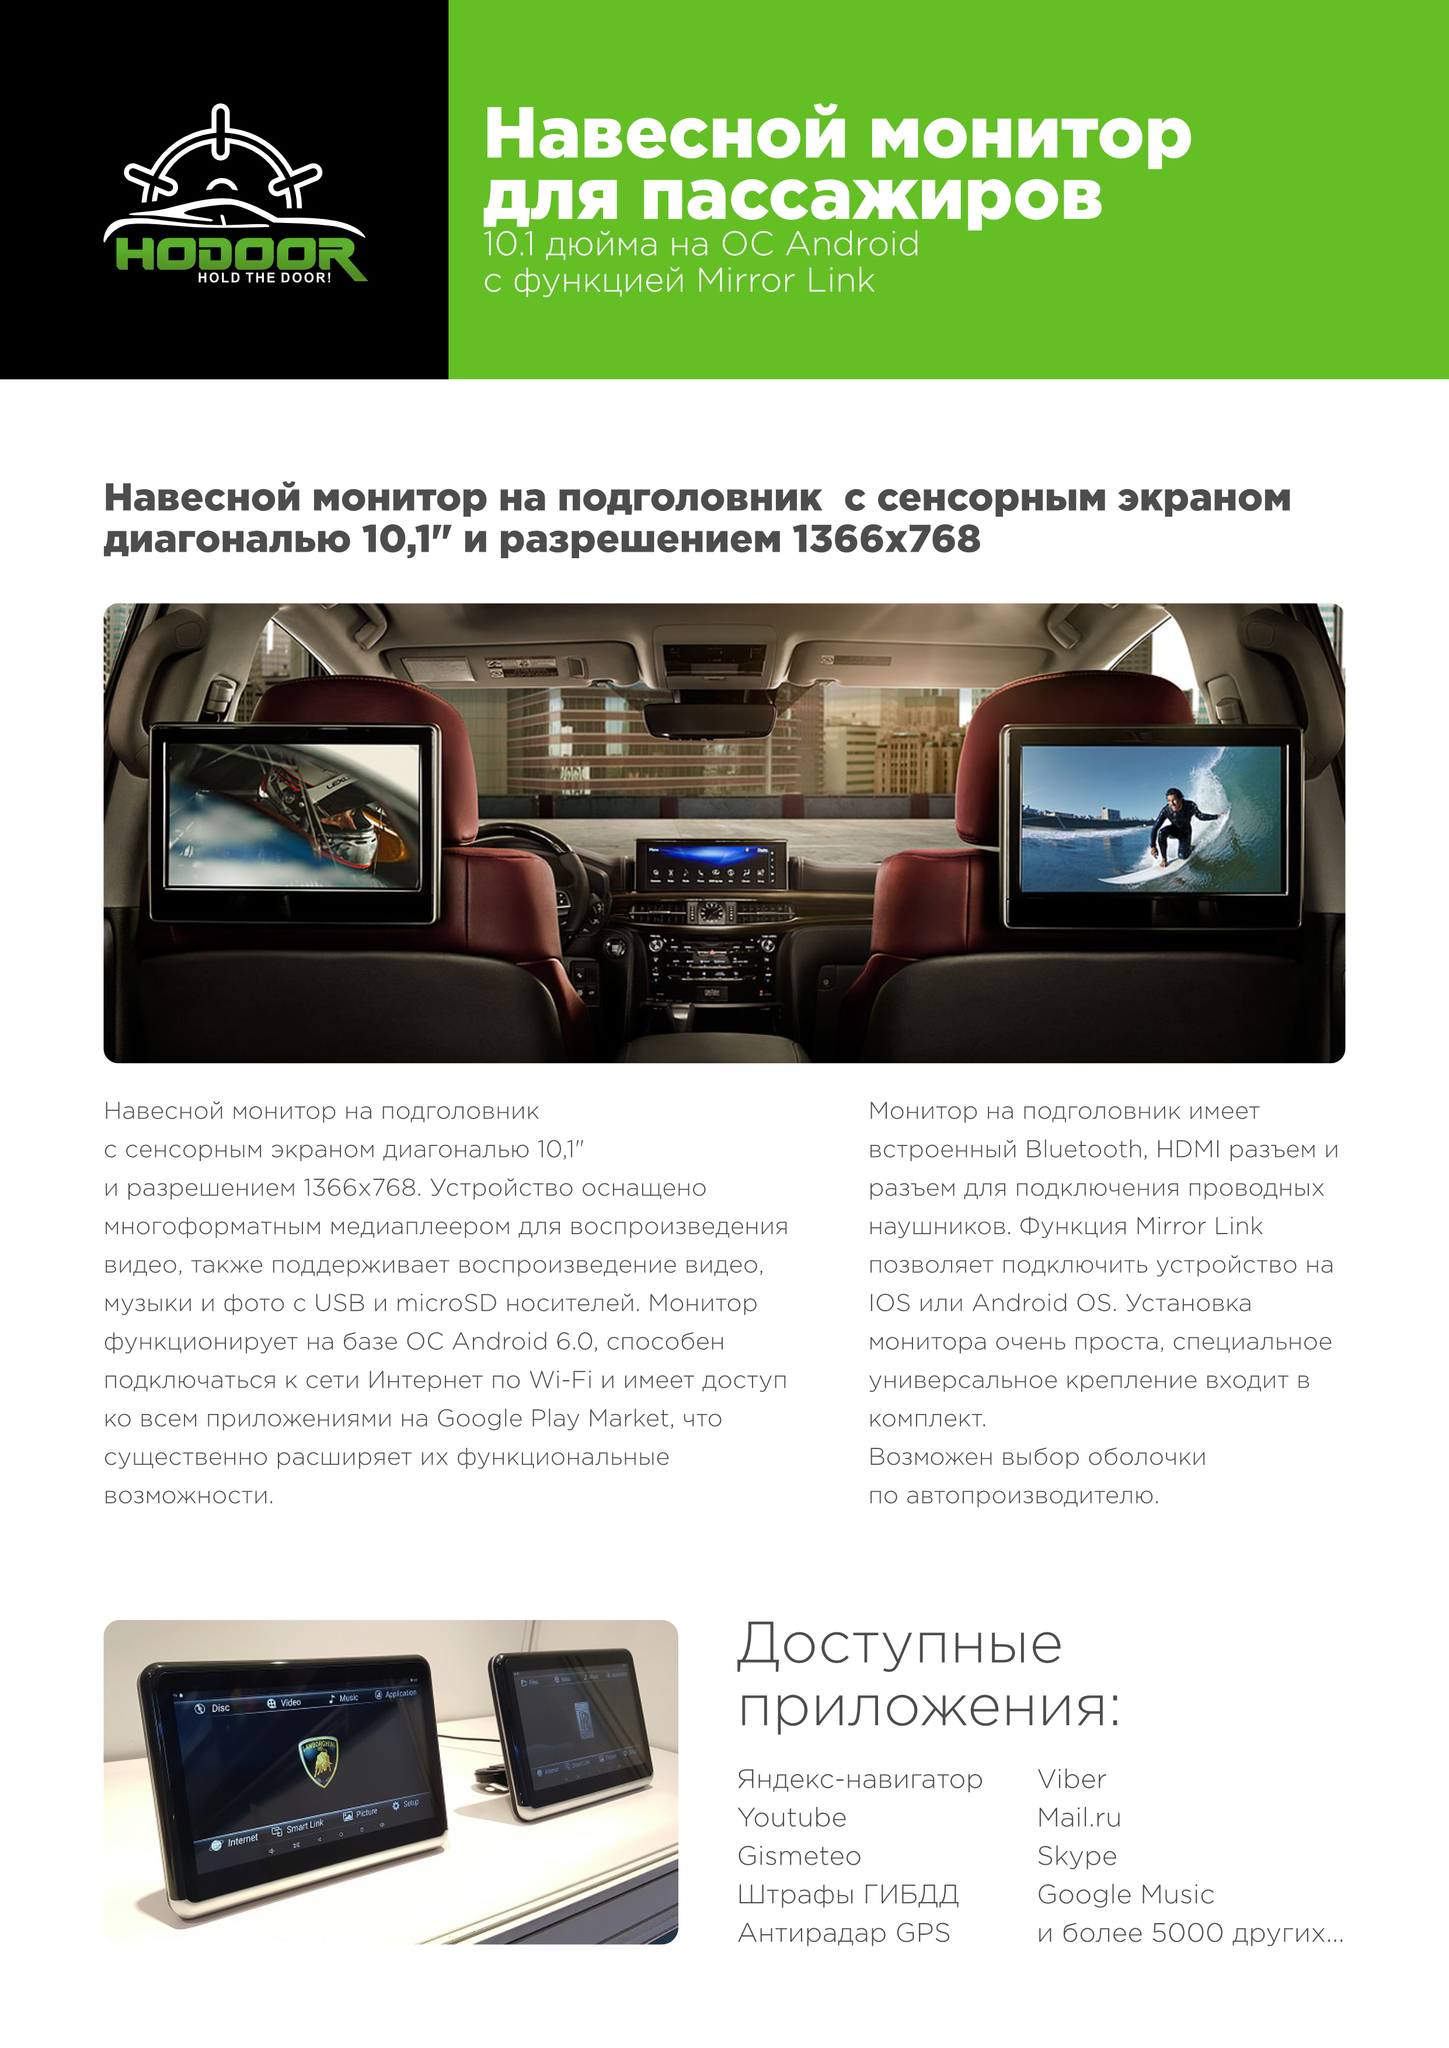 Навесной монитор для пассажиров HODOOR